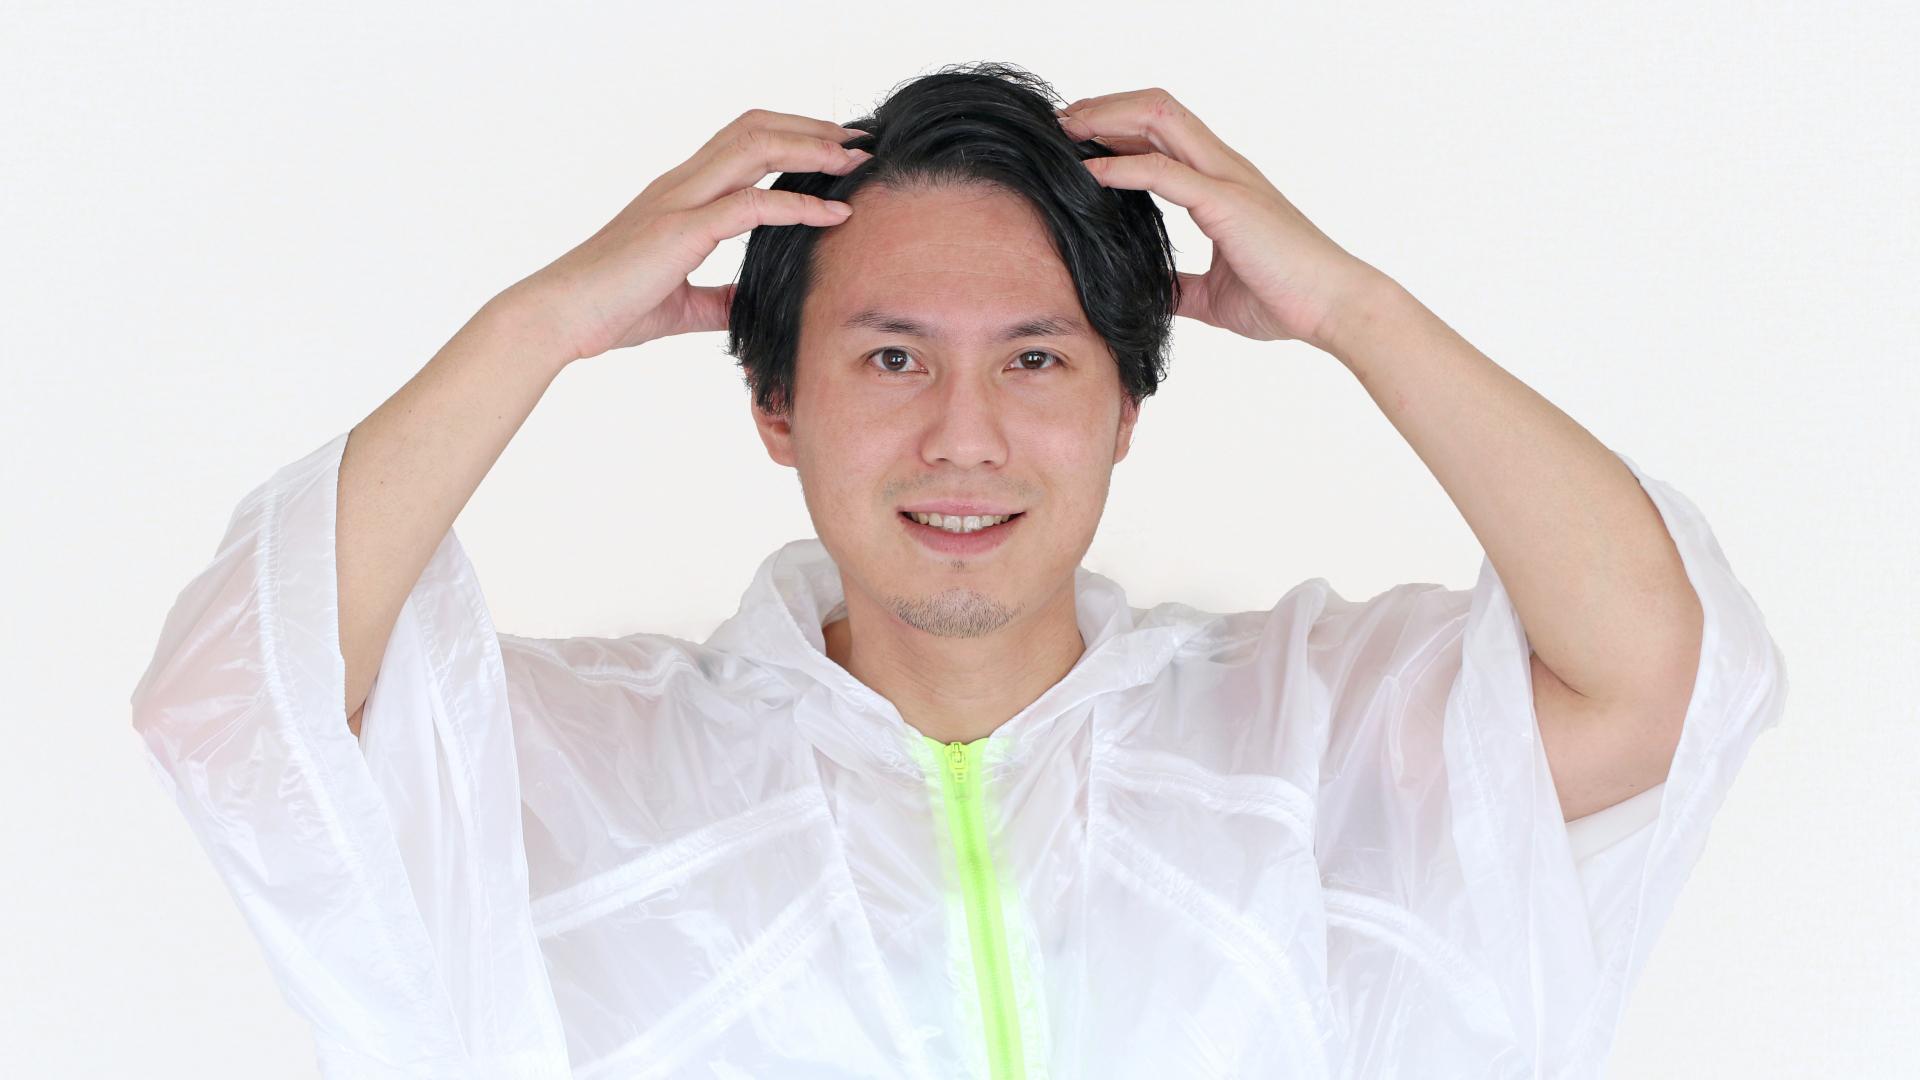 【メンズ】自宅でできる育毛法5選。クリニックに通わないで自分でケアする方法とは?